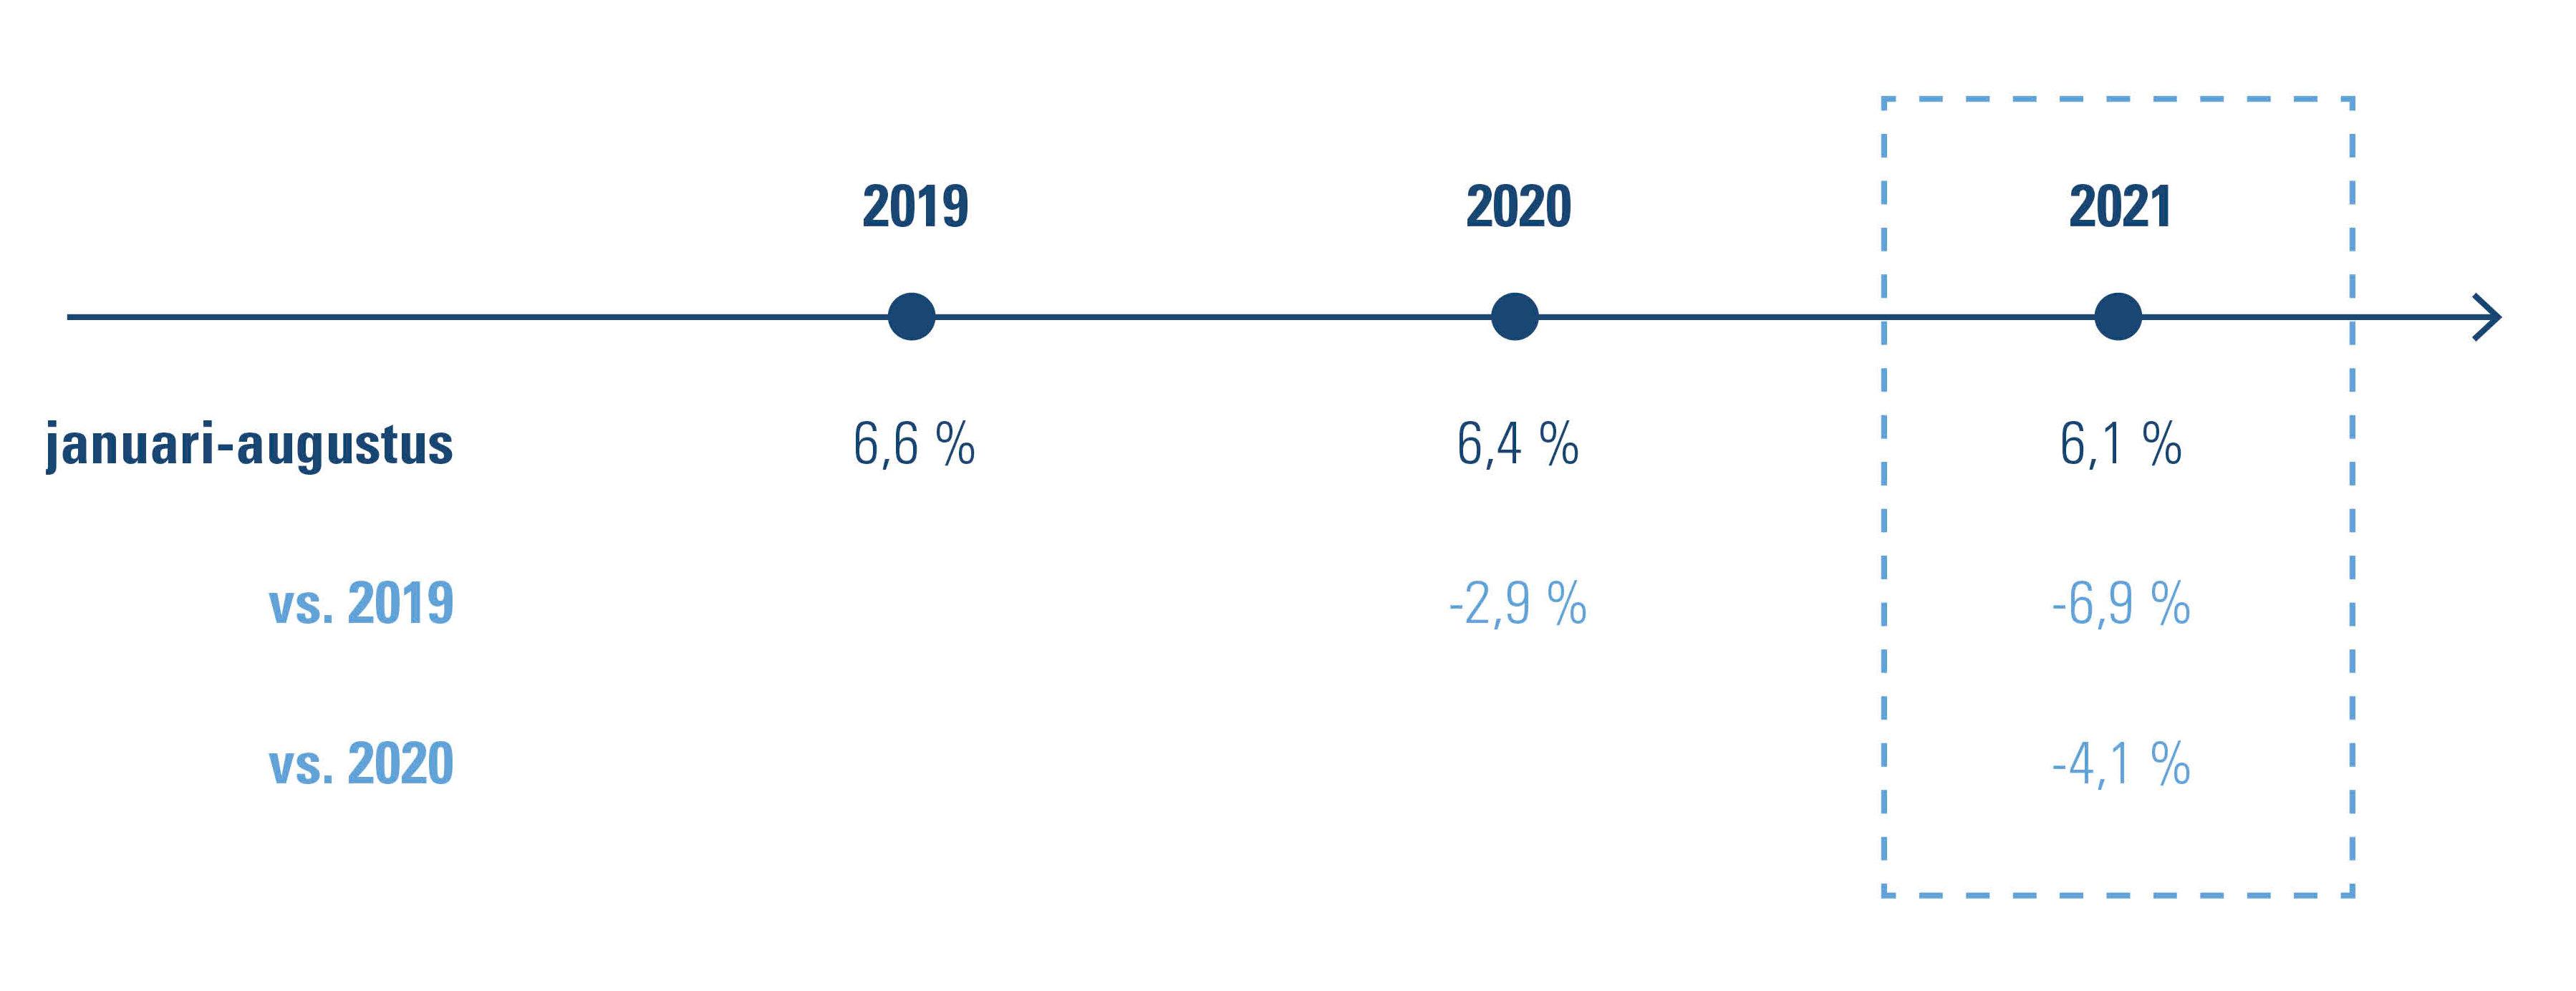 vakantieaandeel werkbare uren in  % + verhouding tot 2019